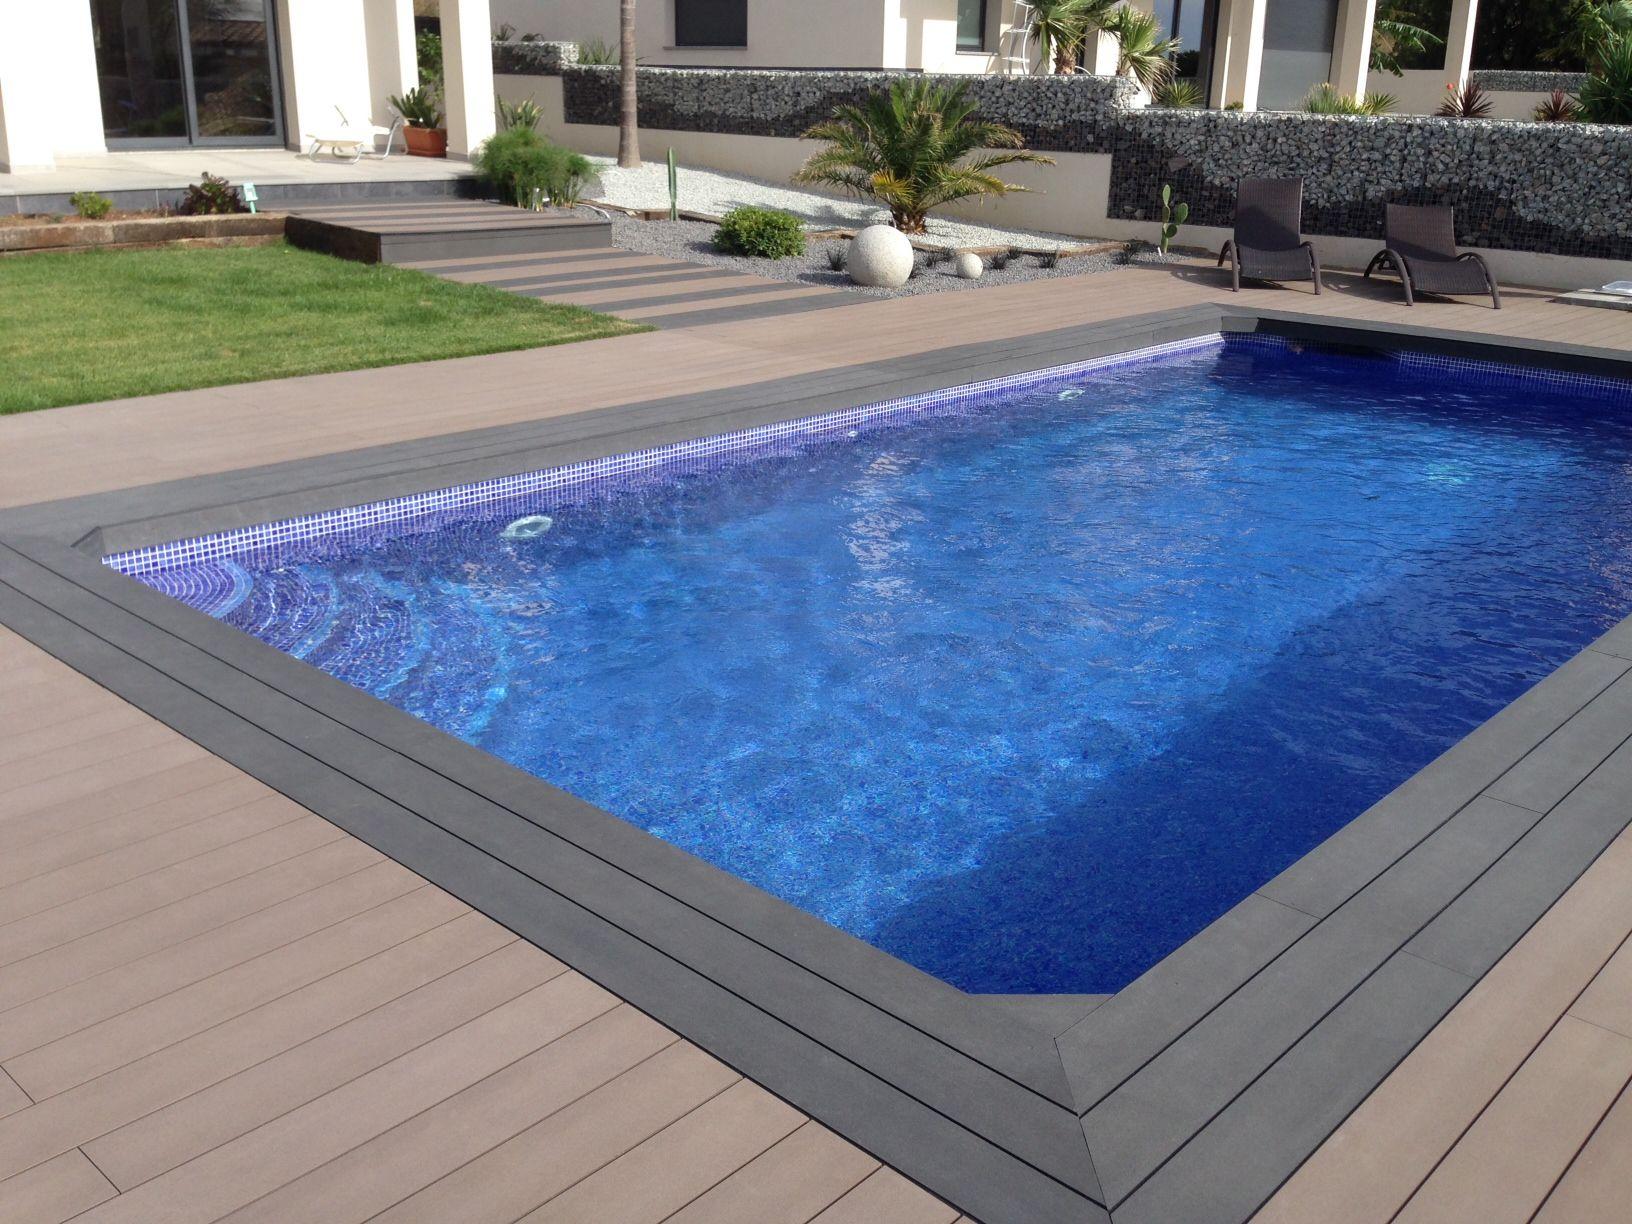 Tarima exterior composite alrededor de piscinas combinando 2 colores tarimaexterior tarima - Suelos para piscinas ...